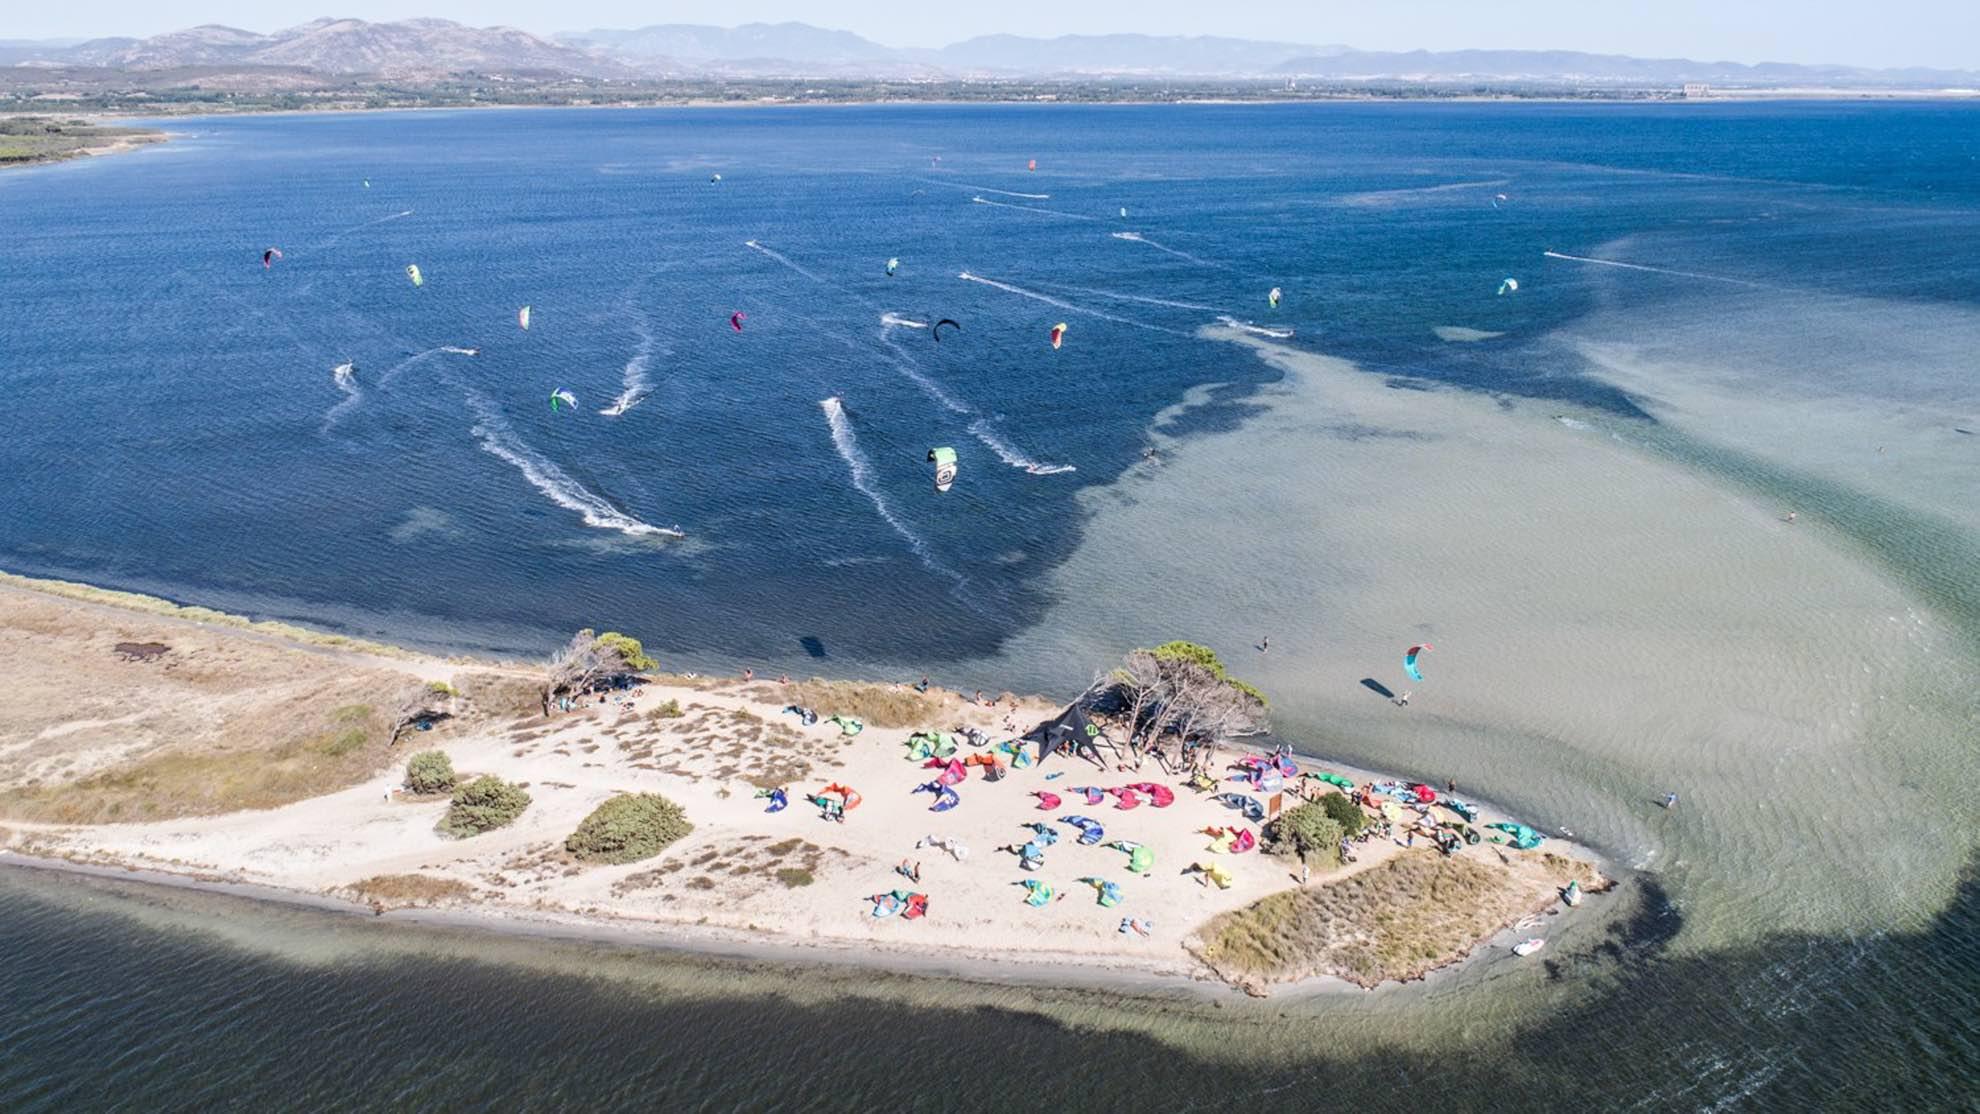 Punta Trettu Kite Beach Il miglior kite spot della Sardegna